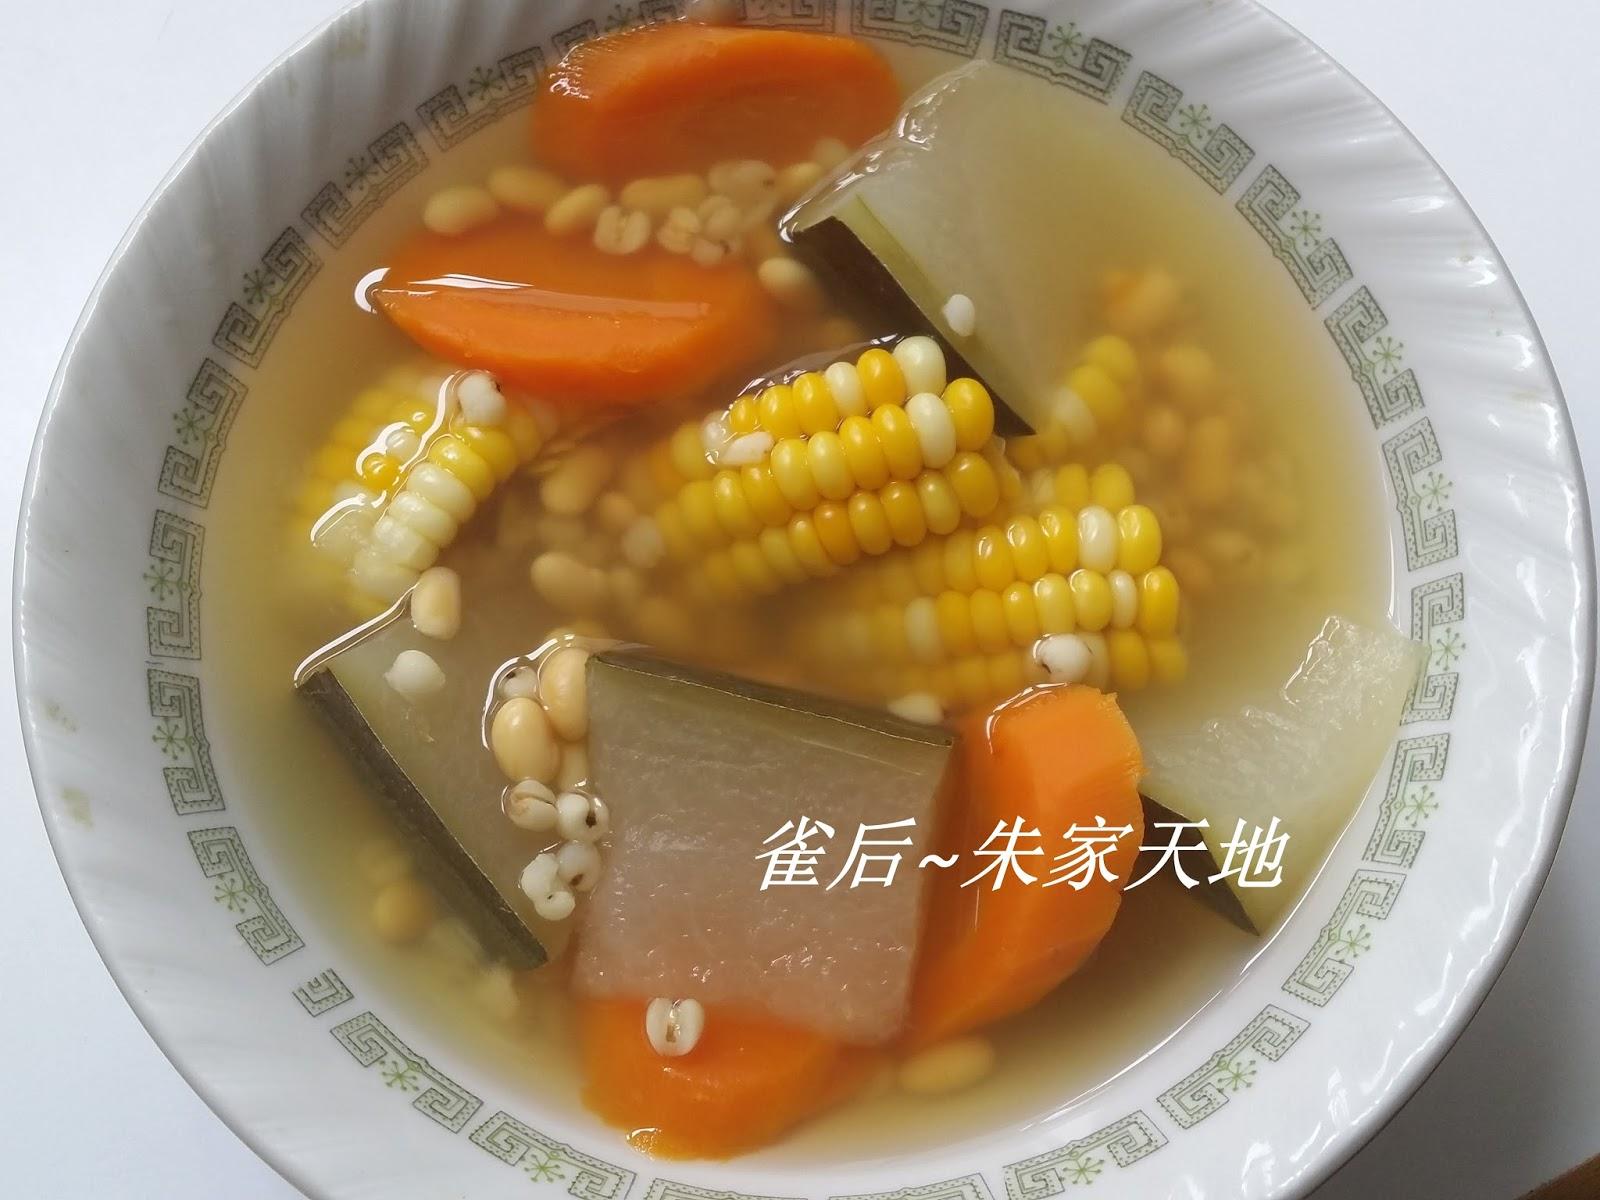 素湯~冬瓜粟米甘筍生熟薏米黃豆湯